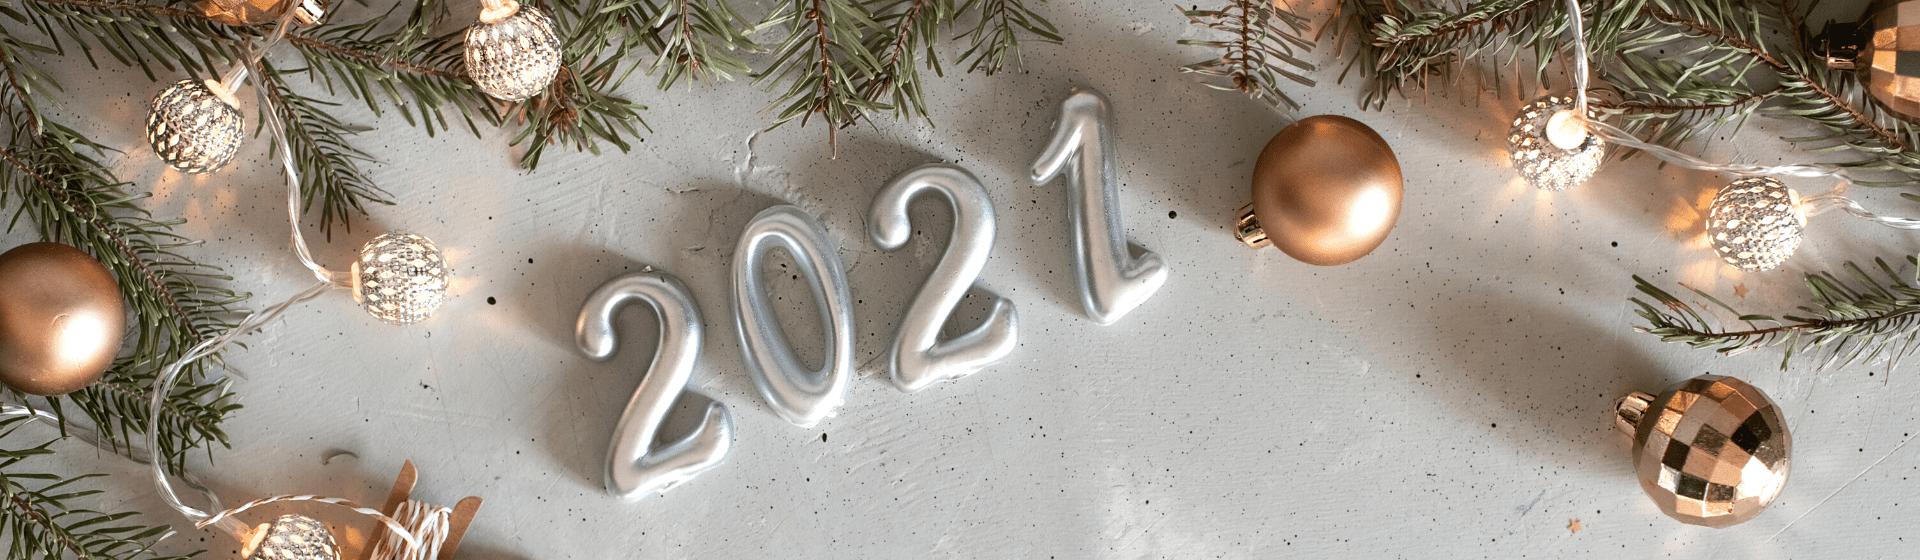 Decoração de Ano Novo 2021: como decorar a casa para o Ano Novo?